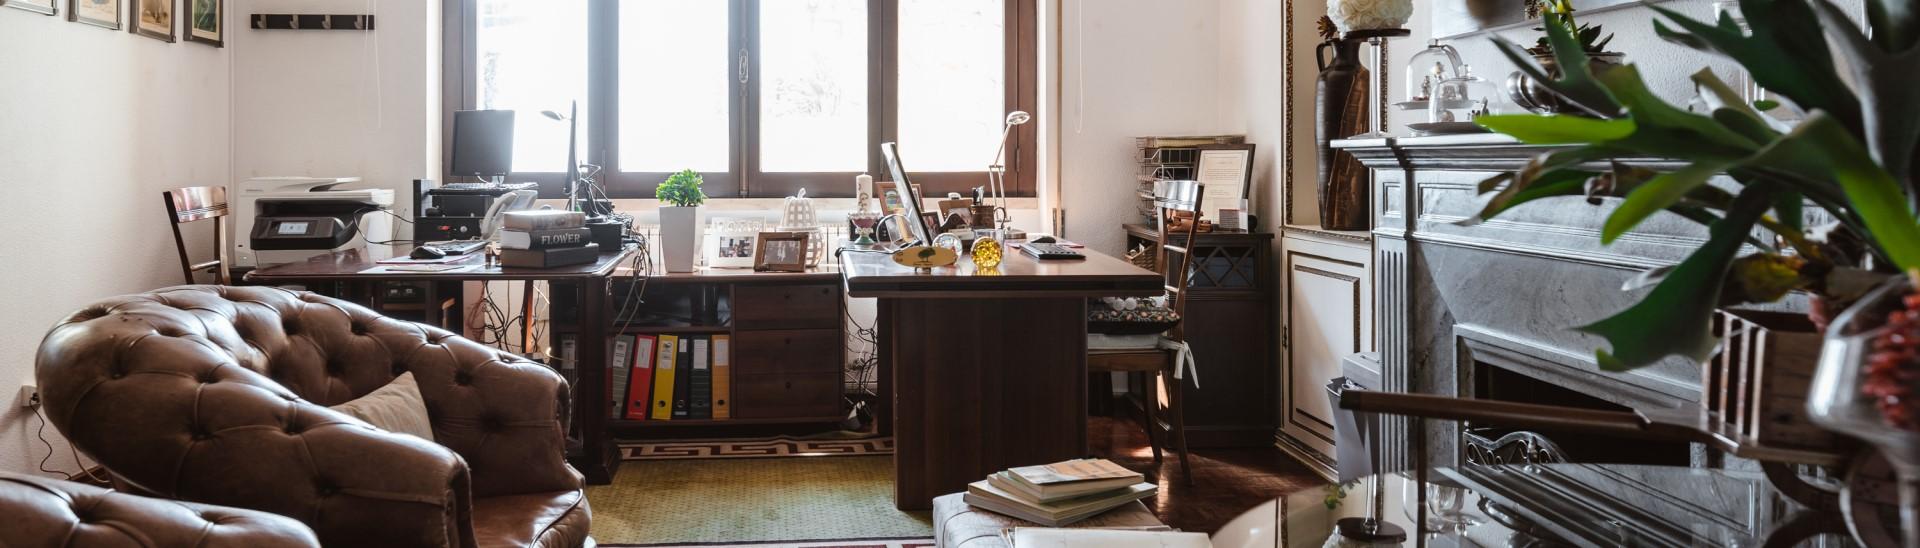 escritorio lar casa de repouso domus augusta